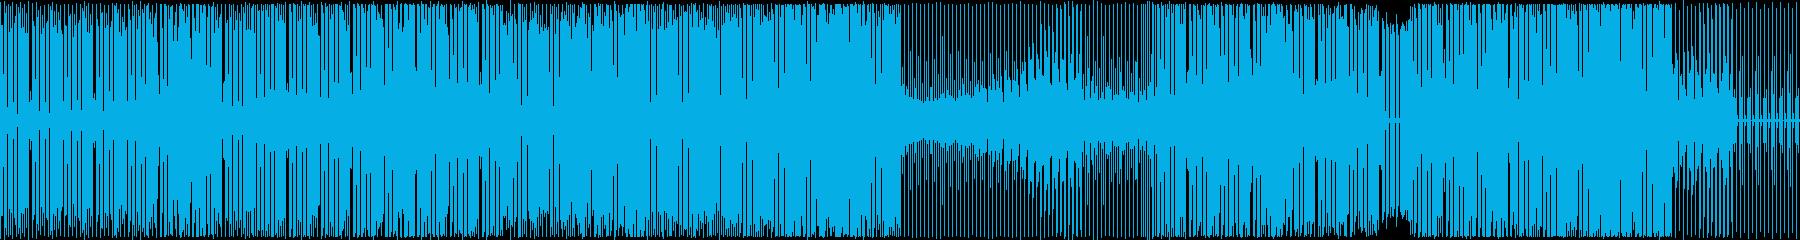 技術説明や解説BGM向きのテクノ音楽の再生済みの波形